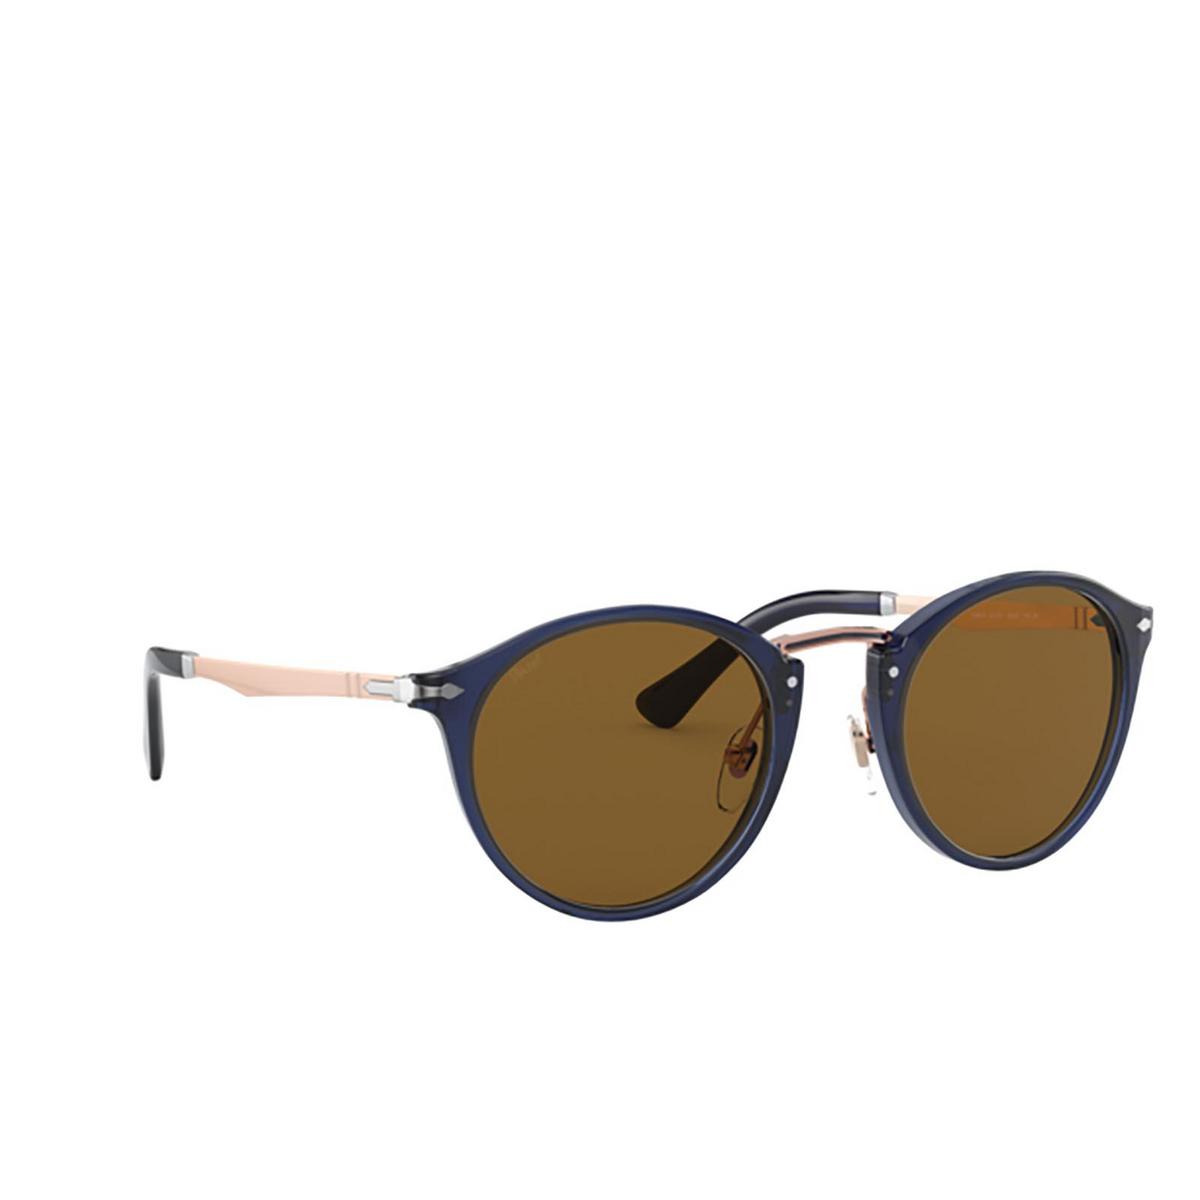 Persol® Round Sunglasses: PO3248S color Cobalto & Bronze 181/53 - three-quarters view.